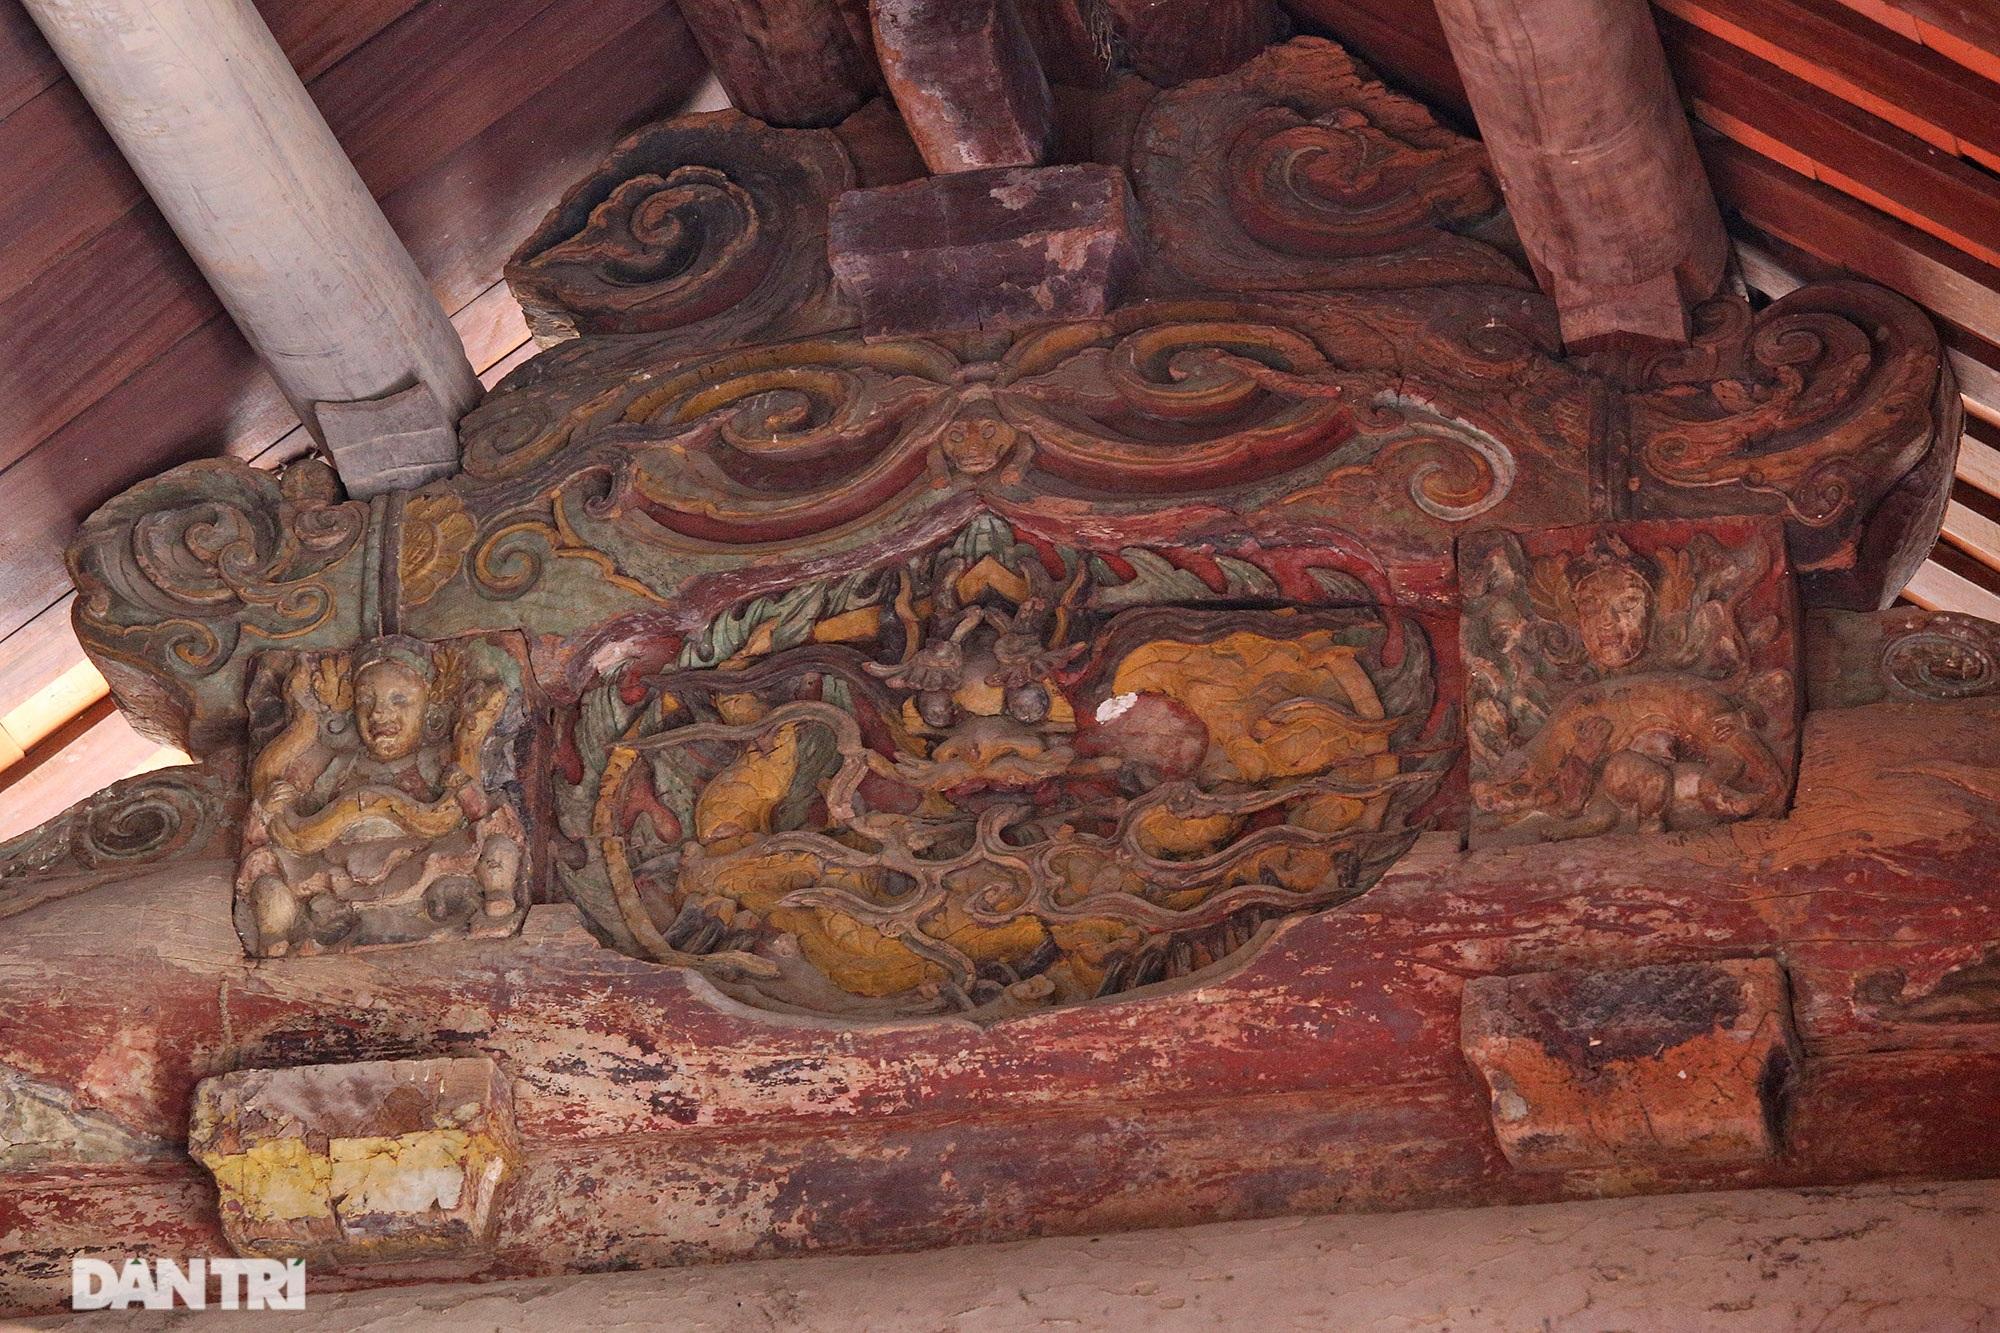 Chiêm ngưỡng tuyệt tác chạm khắc hơn 400 năm tuổi tại Hà Nội - 15